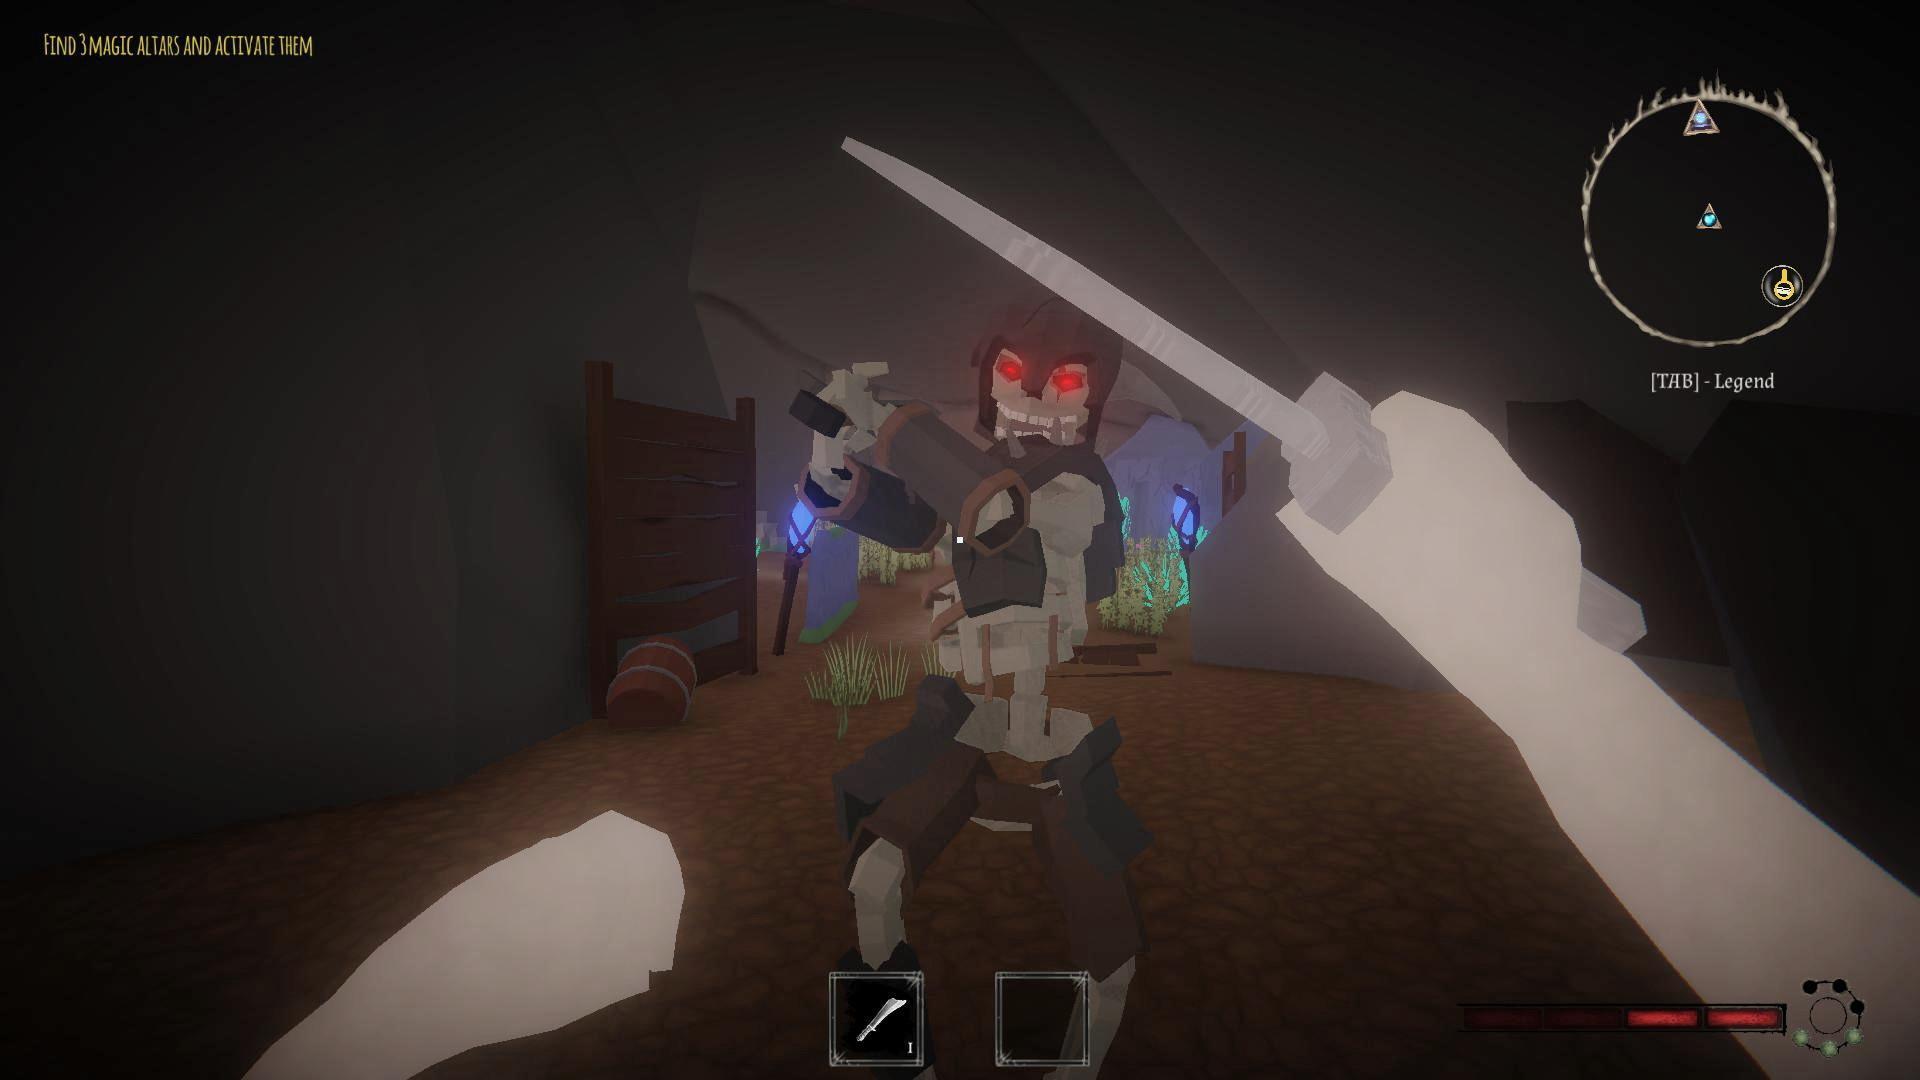 奇幻解謎冒險遊戲《不祥之森》推出免費試玩版本